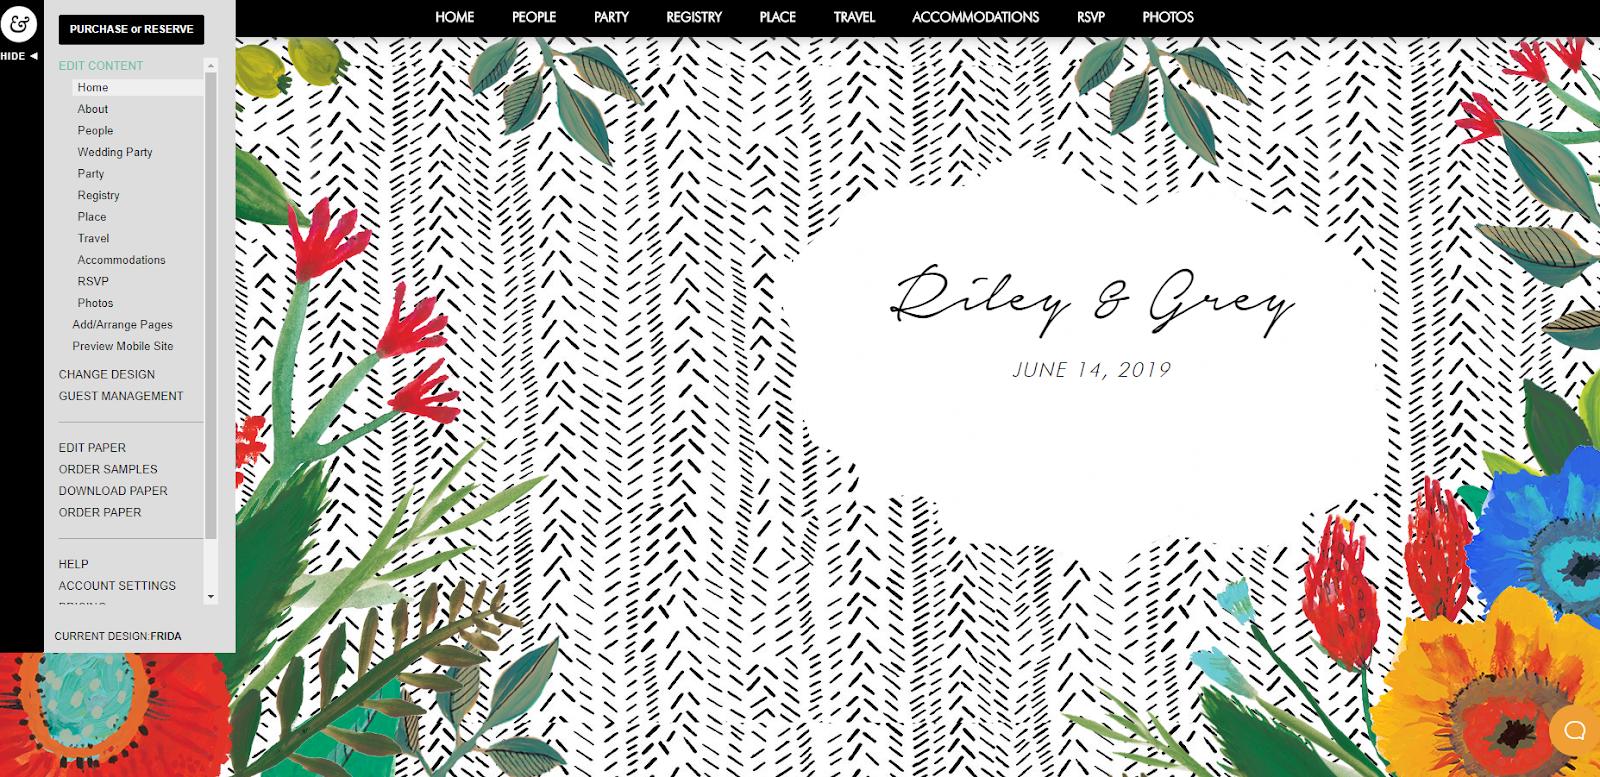 webbabyshower riley and grey baby shower website